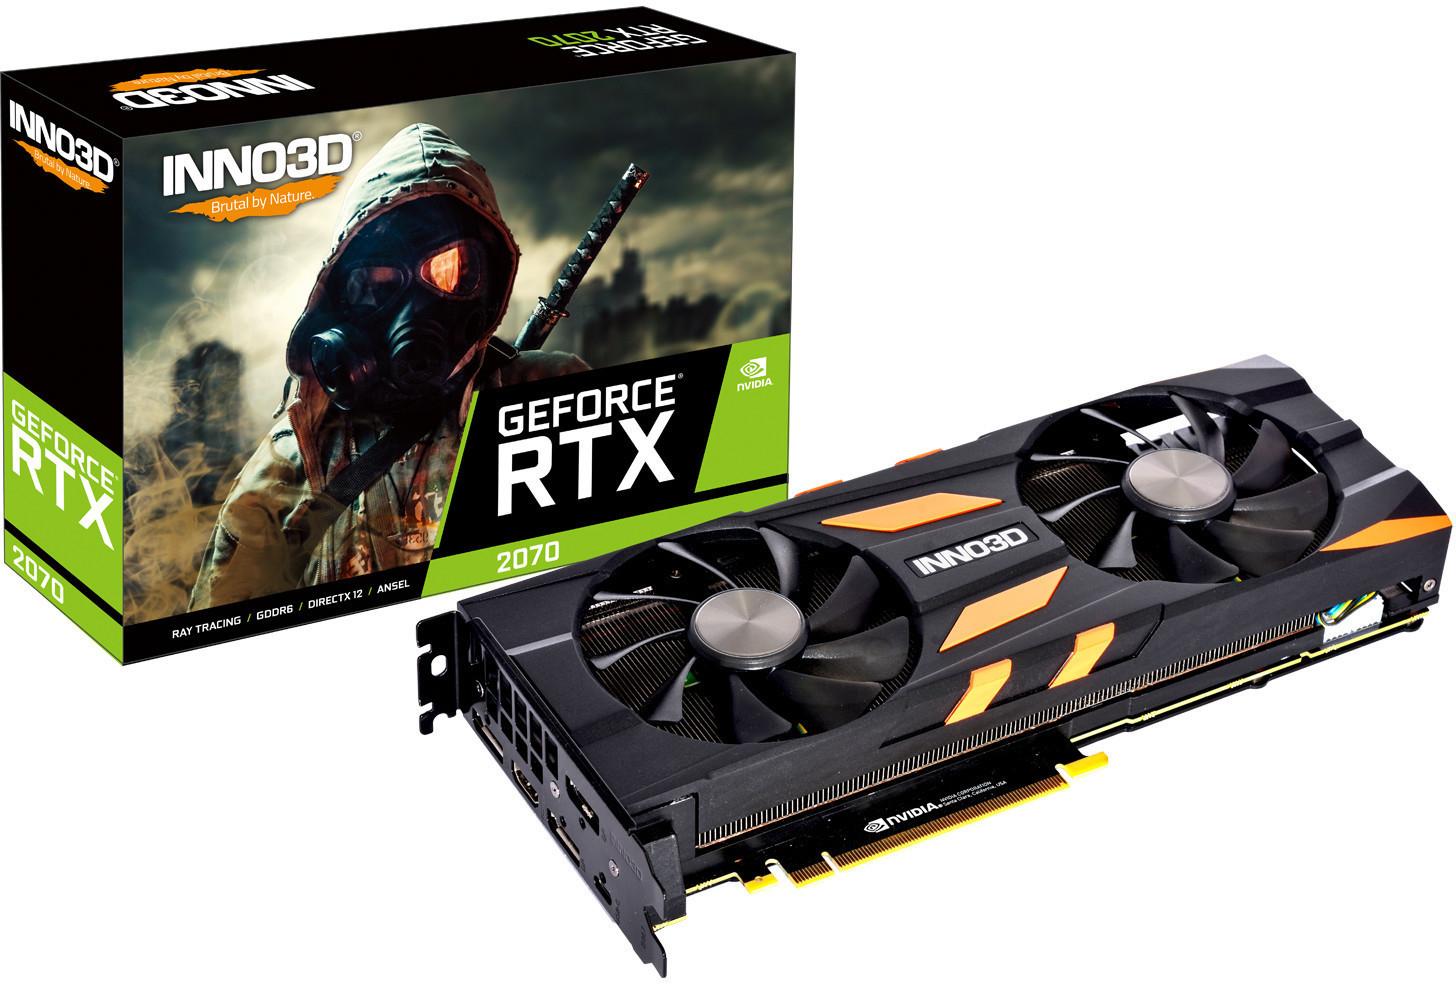 Nvidia-Angebote: z.B. Inno3D GeForce RTX 2070 X2 OC (1410/1755MHz, 8GB GDDR6, HDMI, 3x DP, USB-C mit DP, 2x 90mm-Axial-Lüfter, Dual-Slot)